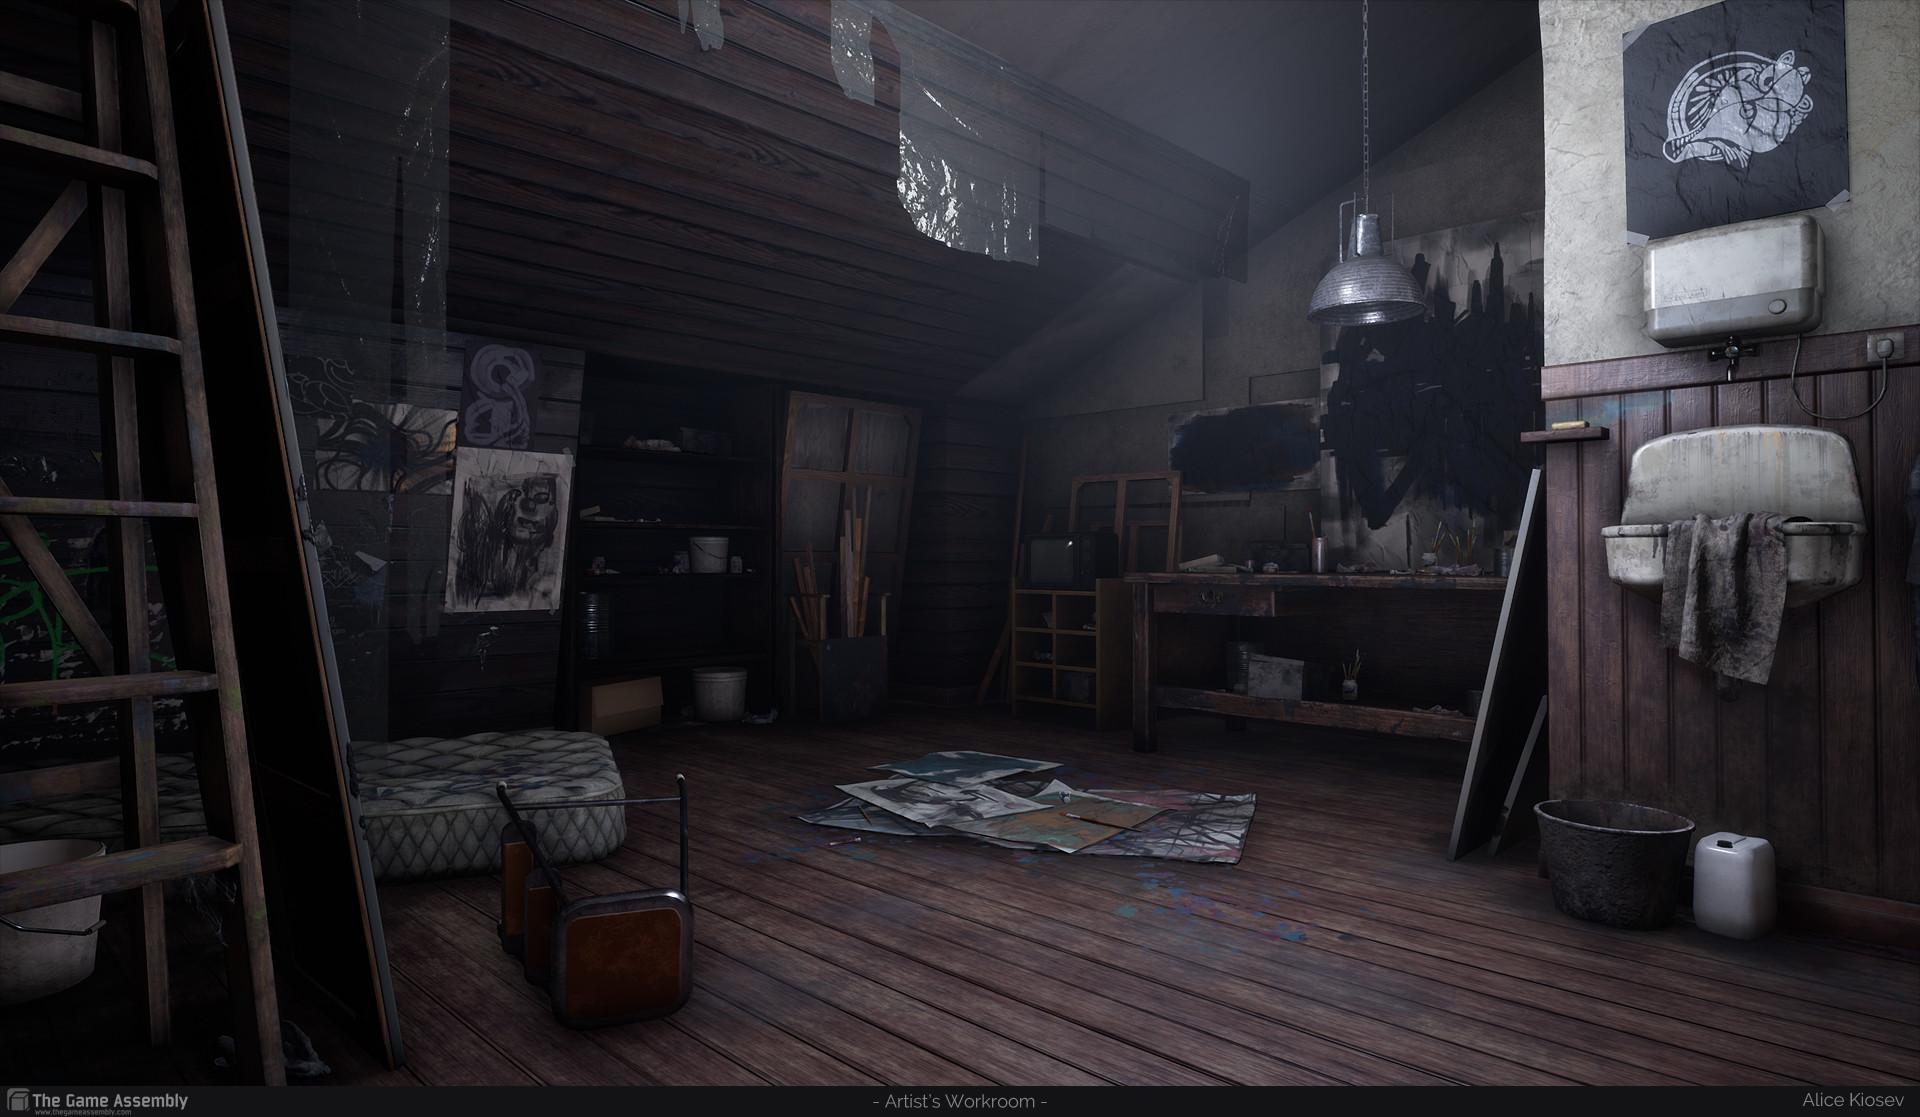 Alice kiosev alicekiosevstudio02